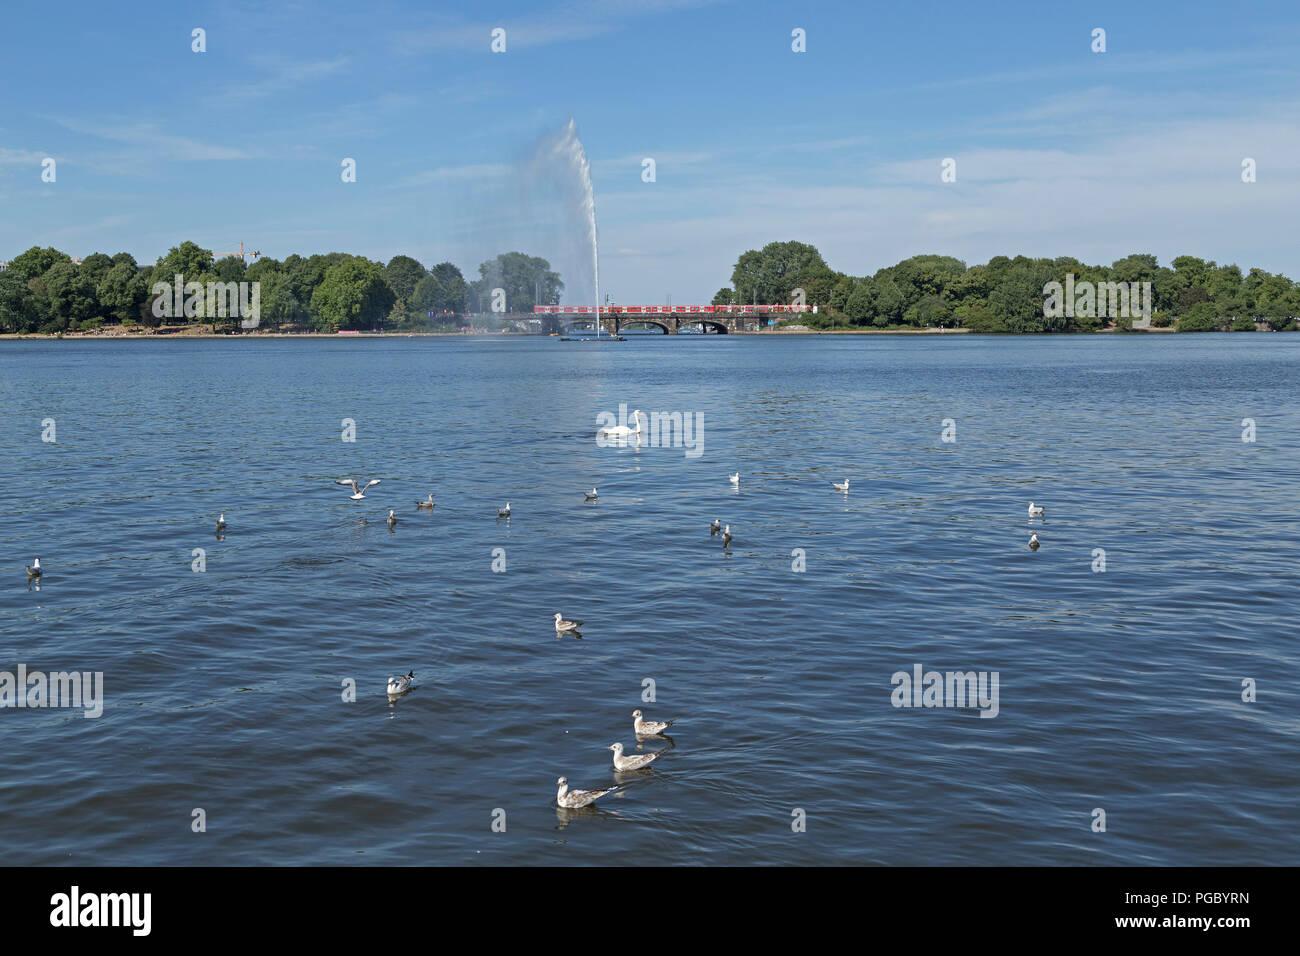 lake Binnenalster (Inner Alster), Hamburg, Germany - Stock Image